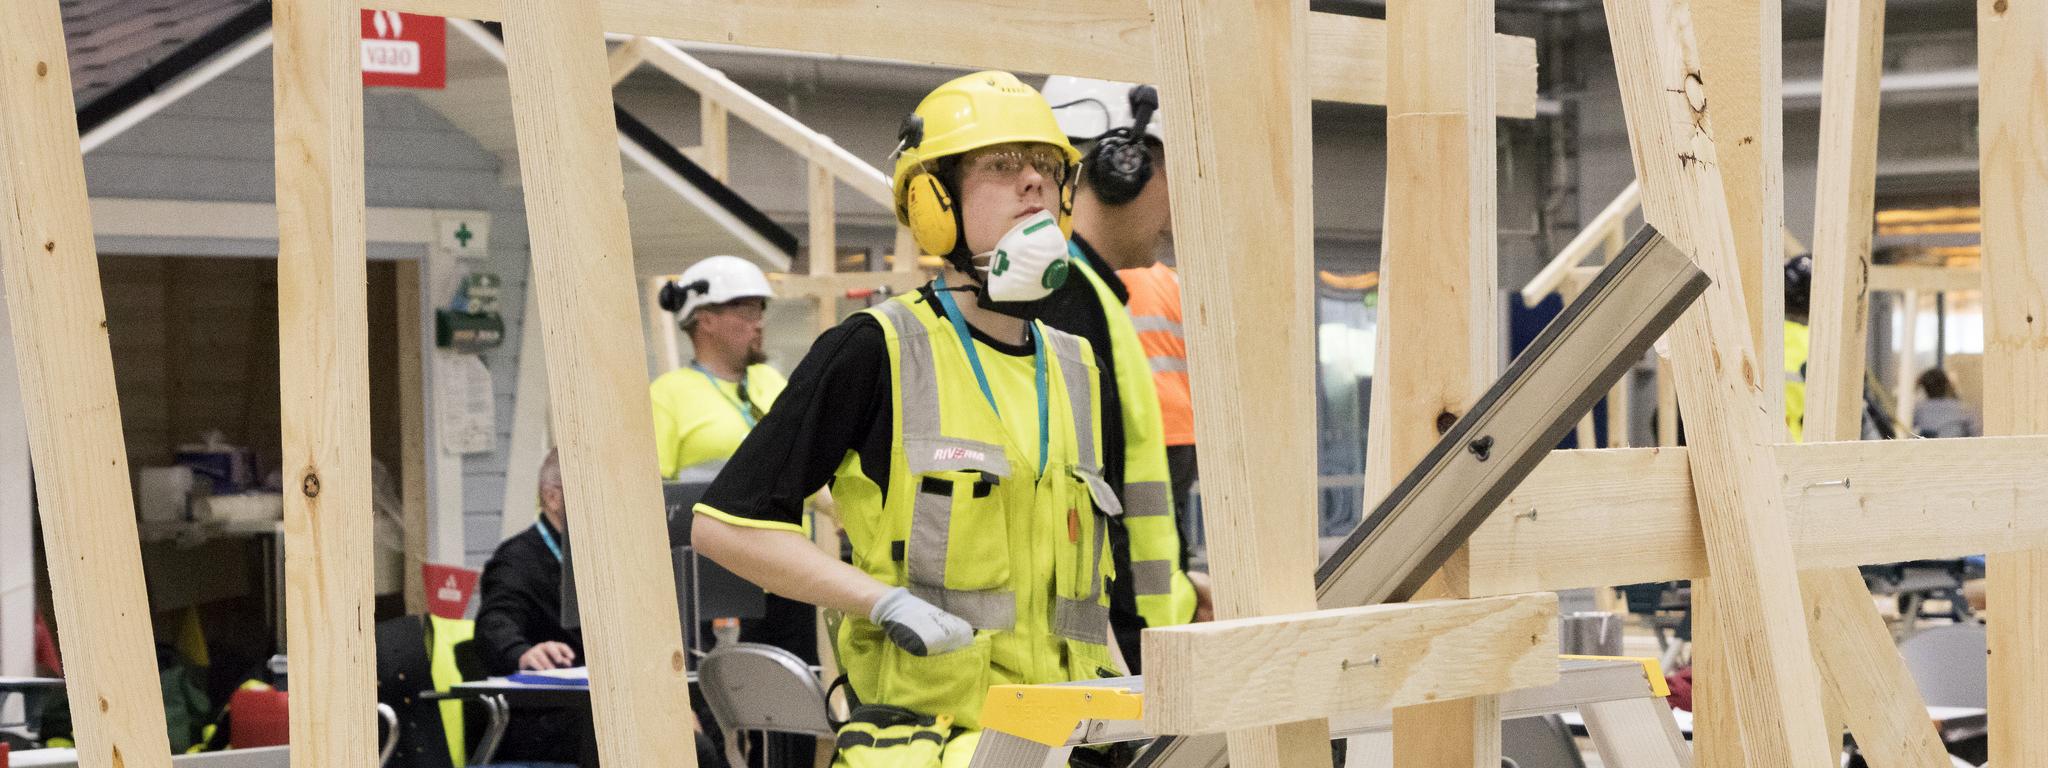 Nuori mies katselee hökkeliä, jota on rakentamassa.